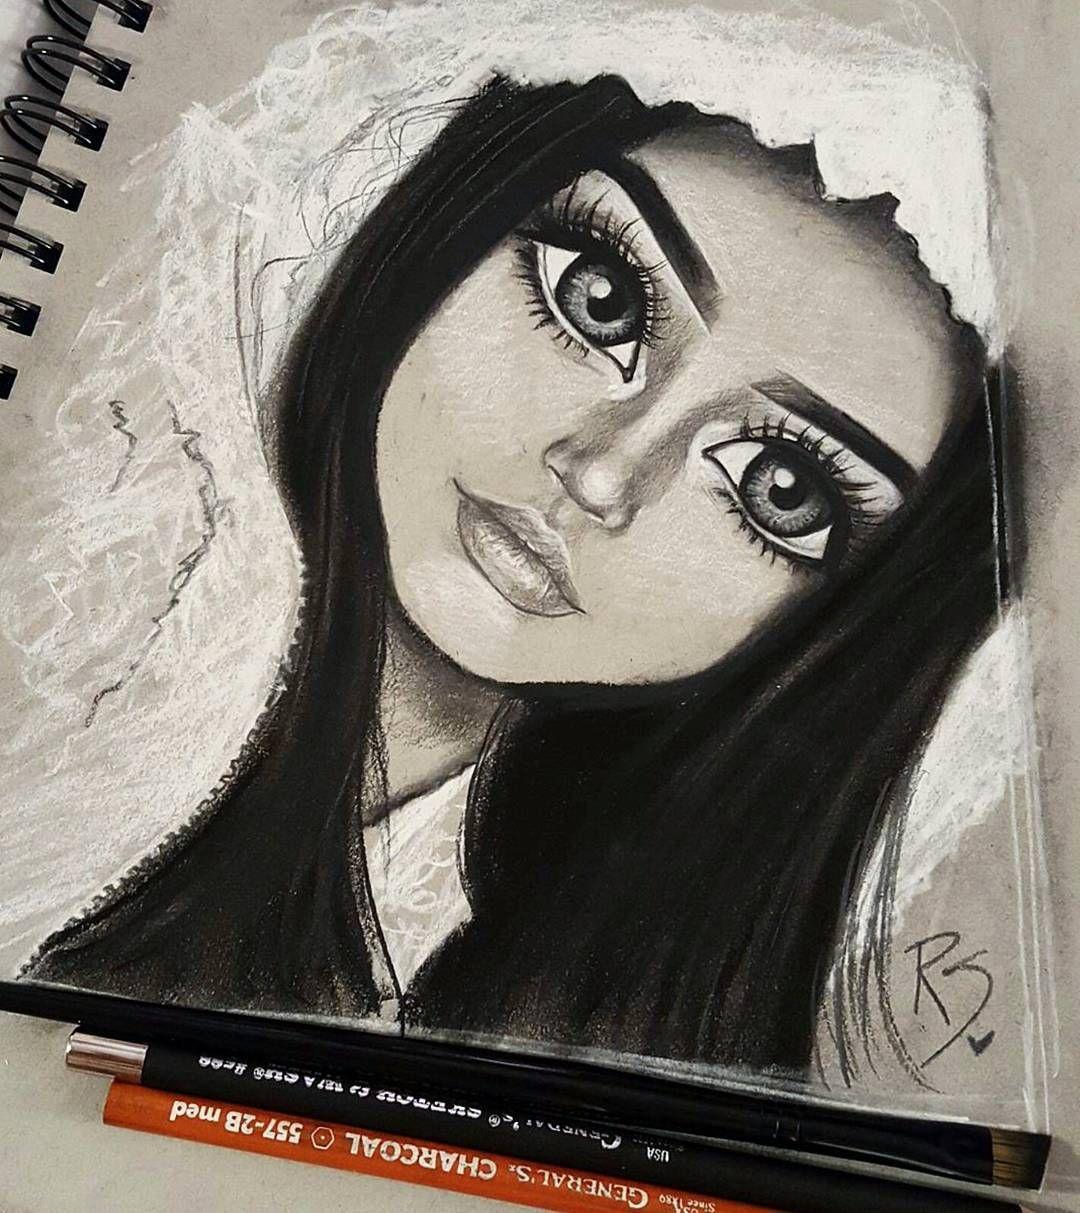 Drawings Of People: Christina Lorre (@rawsueshii